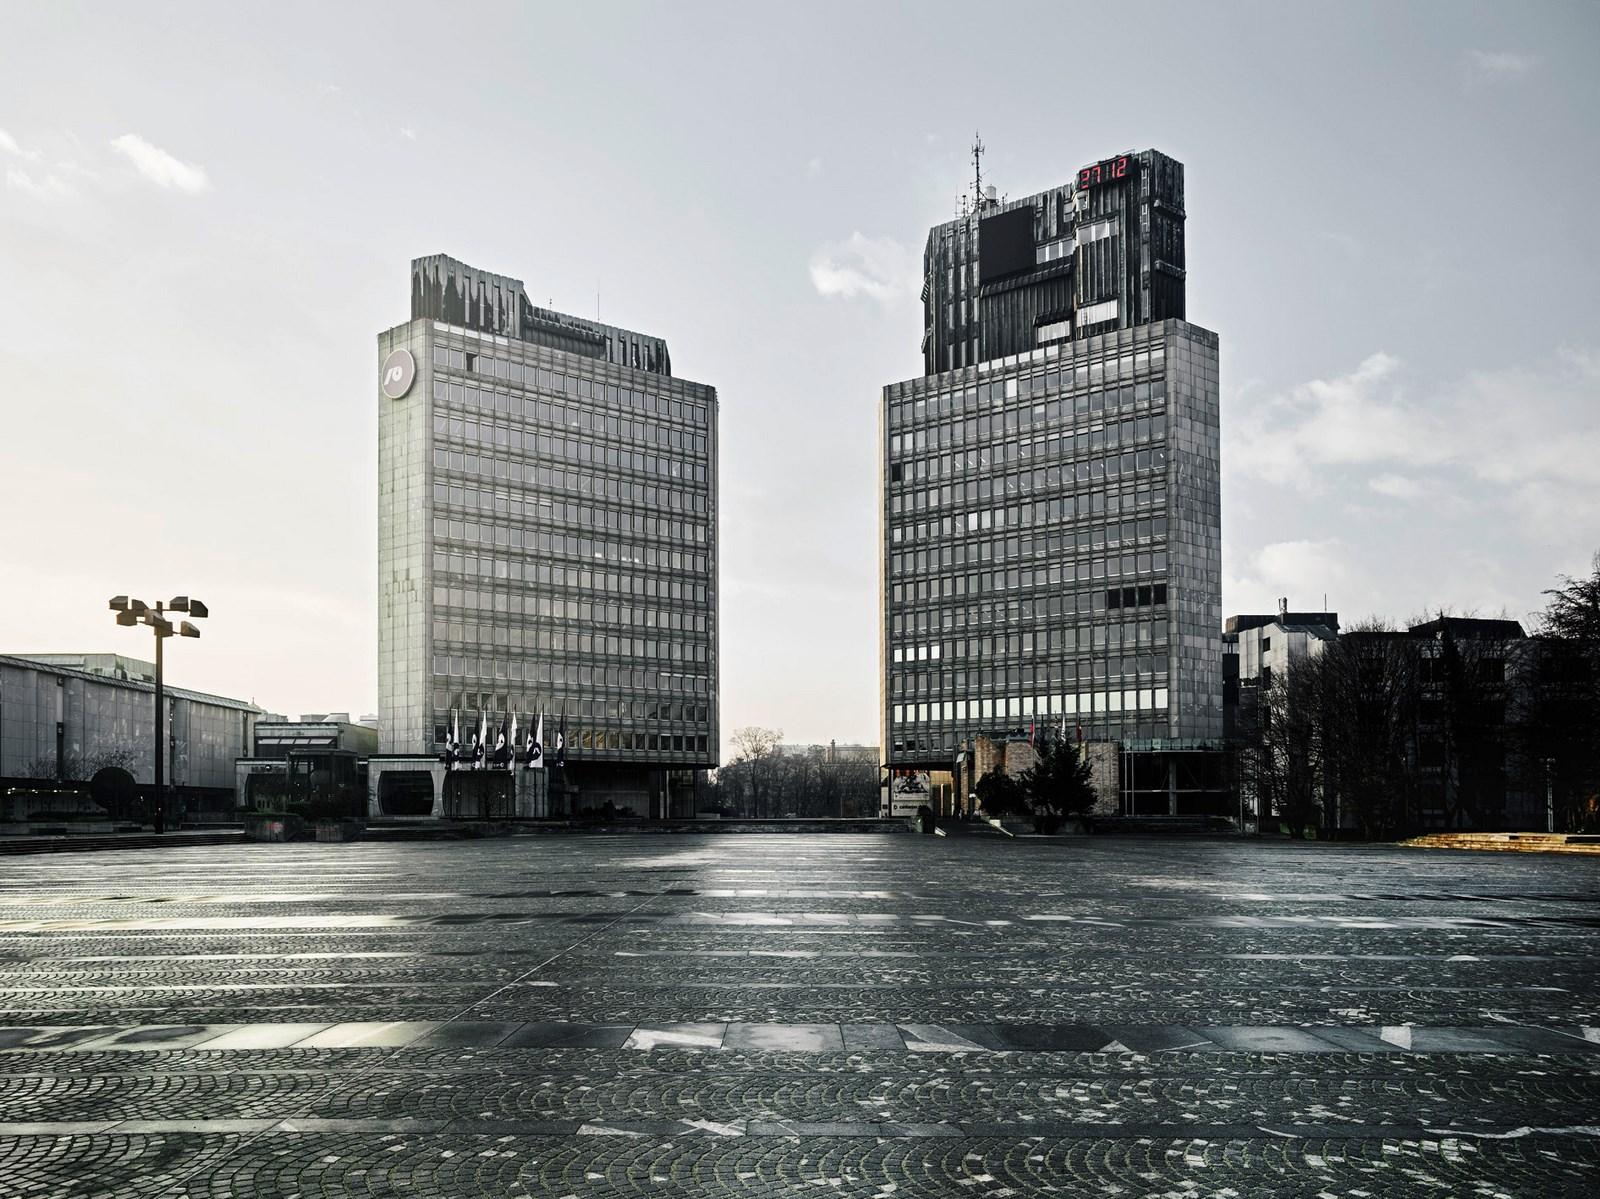 Edvard Ravnikar, Plaza de la Revolución (hoy Plaza de la República), 1960-74, Ljubljana, Eslovenia. Vista de la plaza. Foto: Valentin Jeck, encargado por el Museo de Arte Moderno, Nueva York, 2016